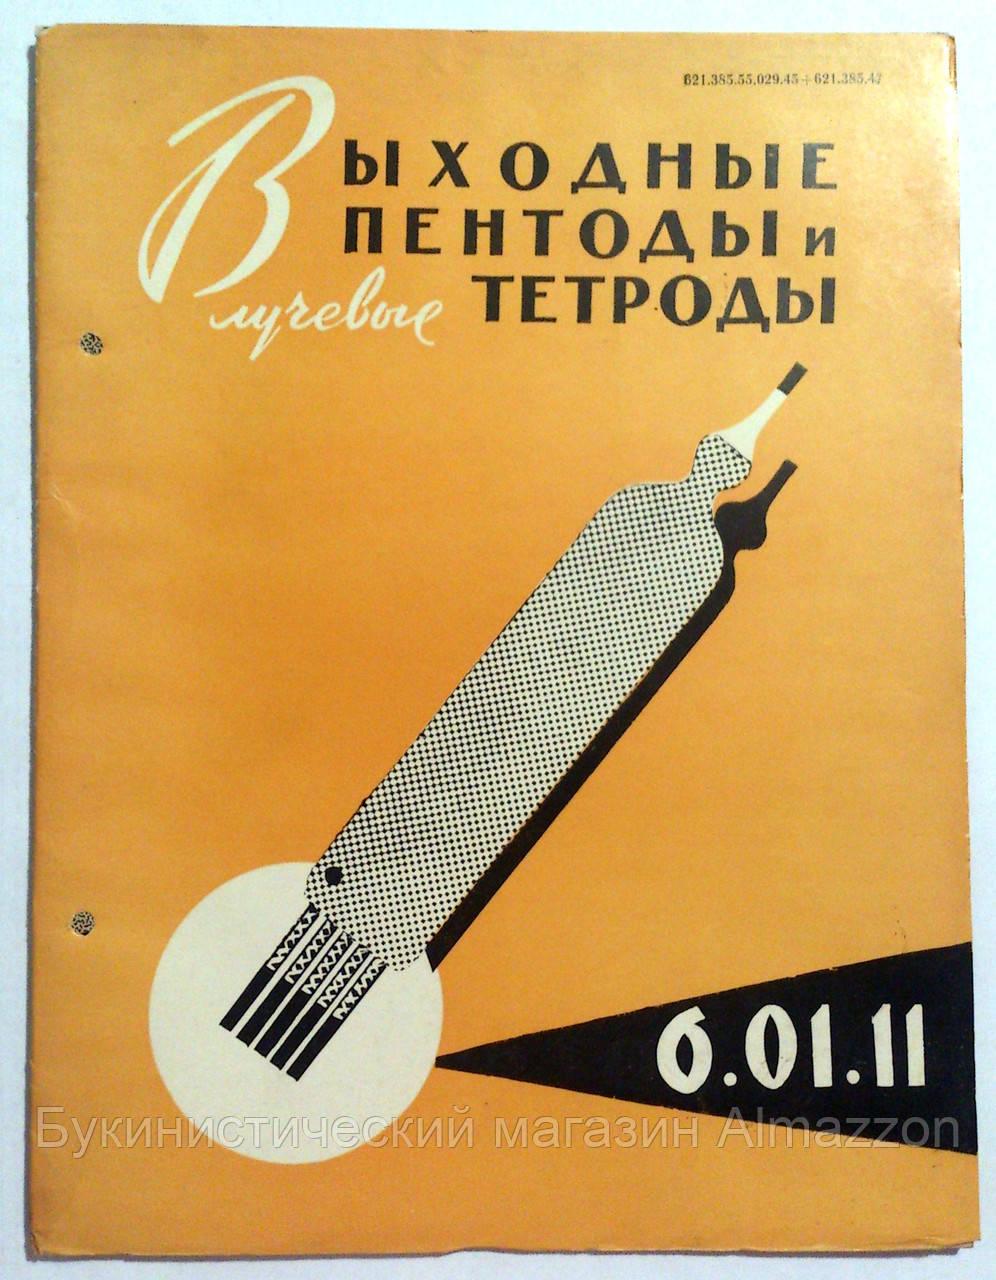 """Журнал (Бюллетень) """"Выходные пентоды и лучевые тетроды 6-01-11"""". 1962 год"""